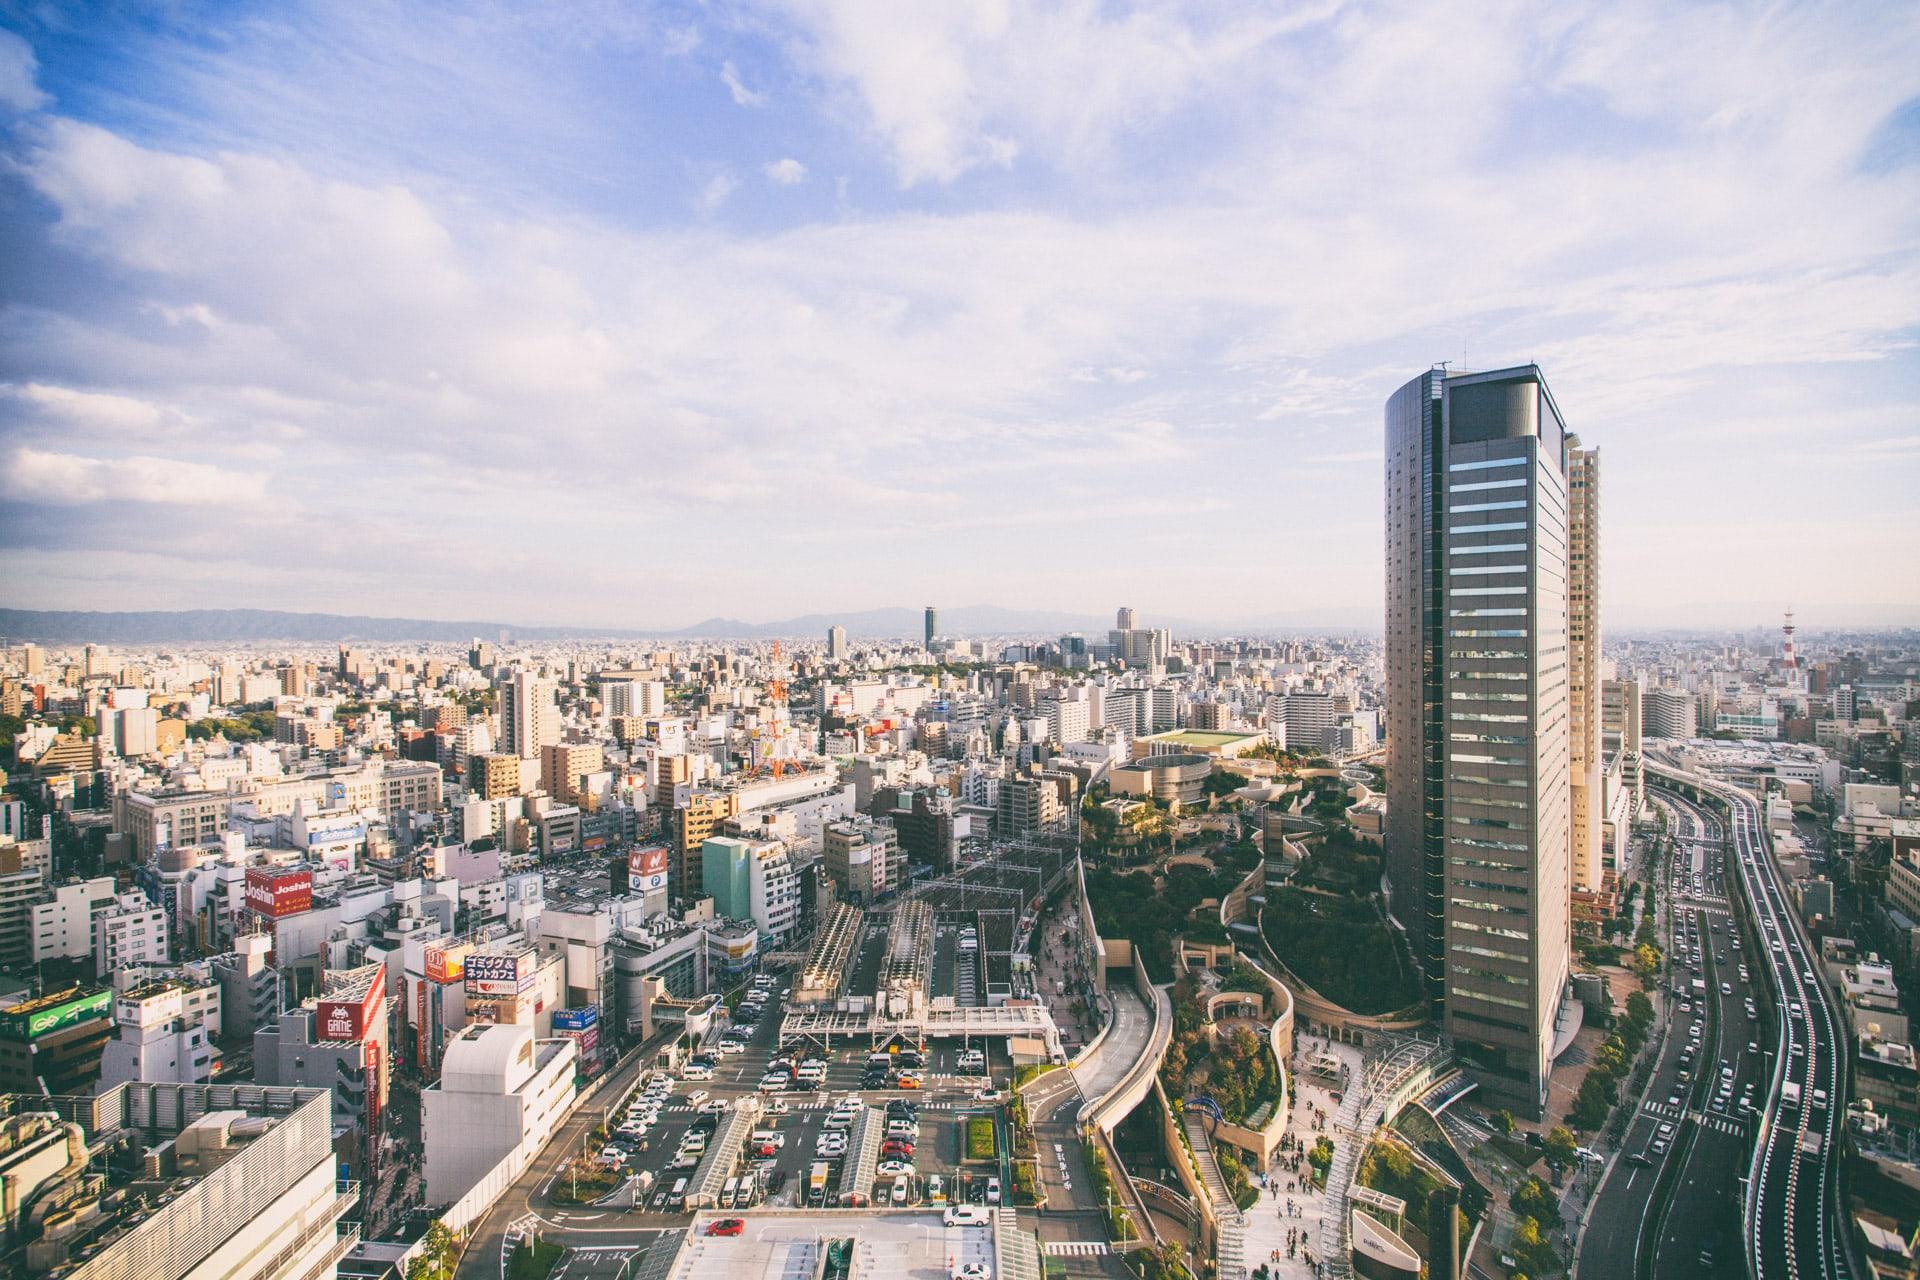 Osaka's cityscapes